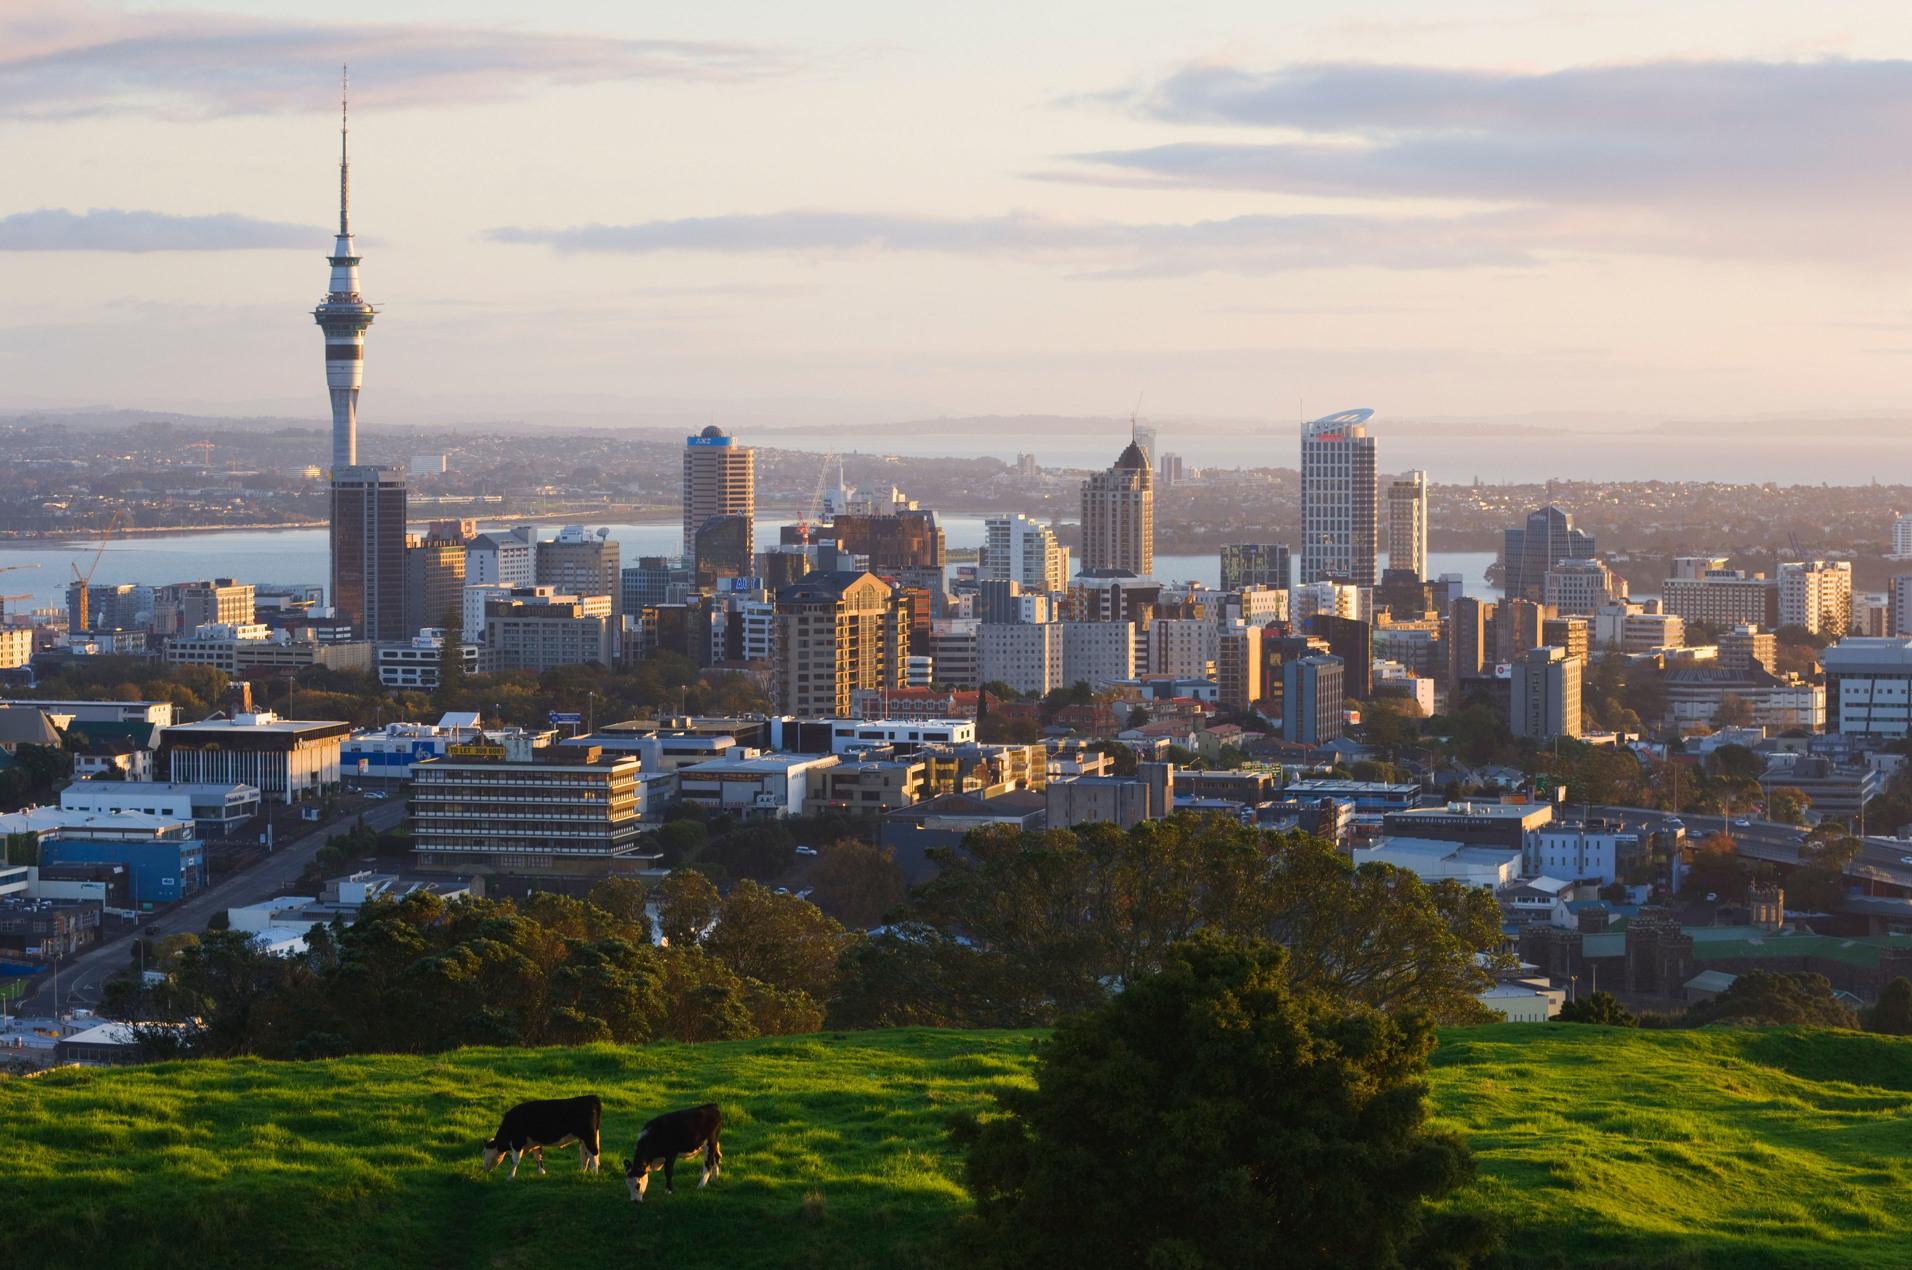 AKL - Auckland International